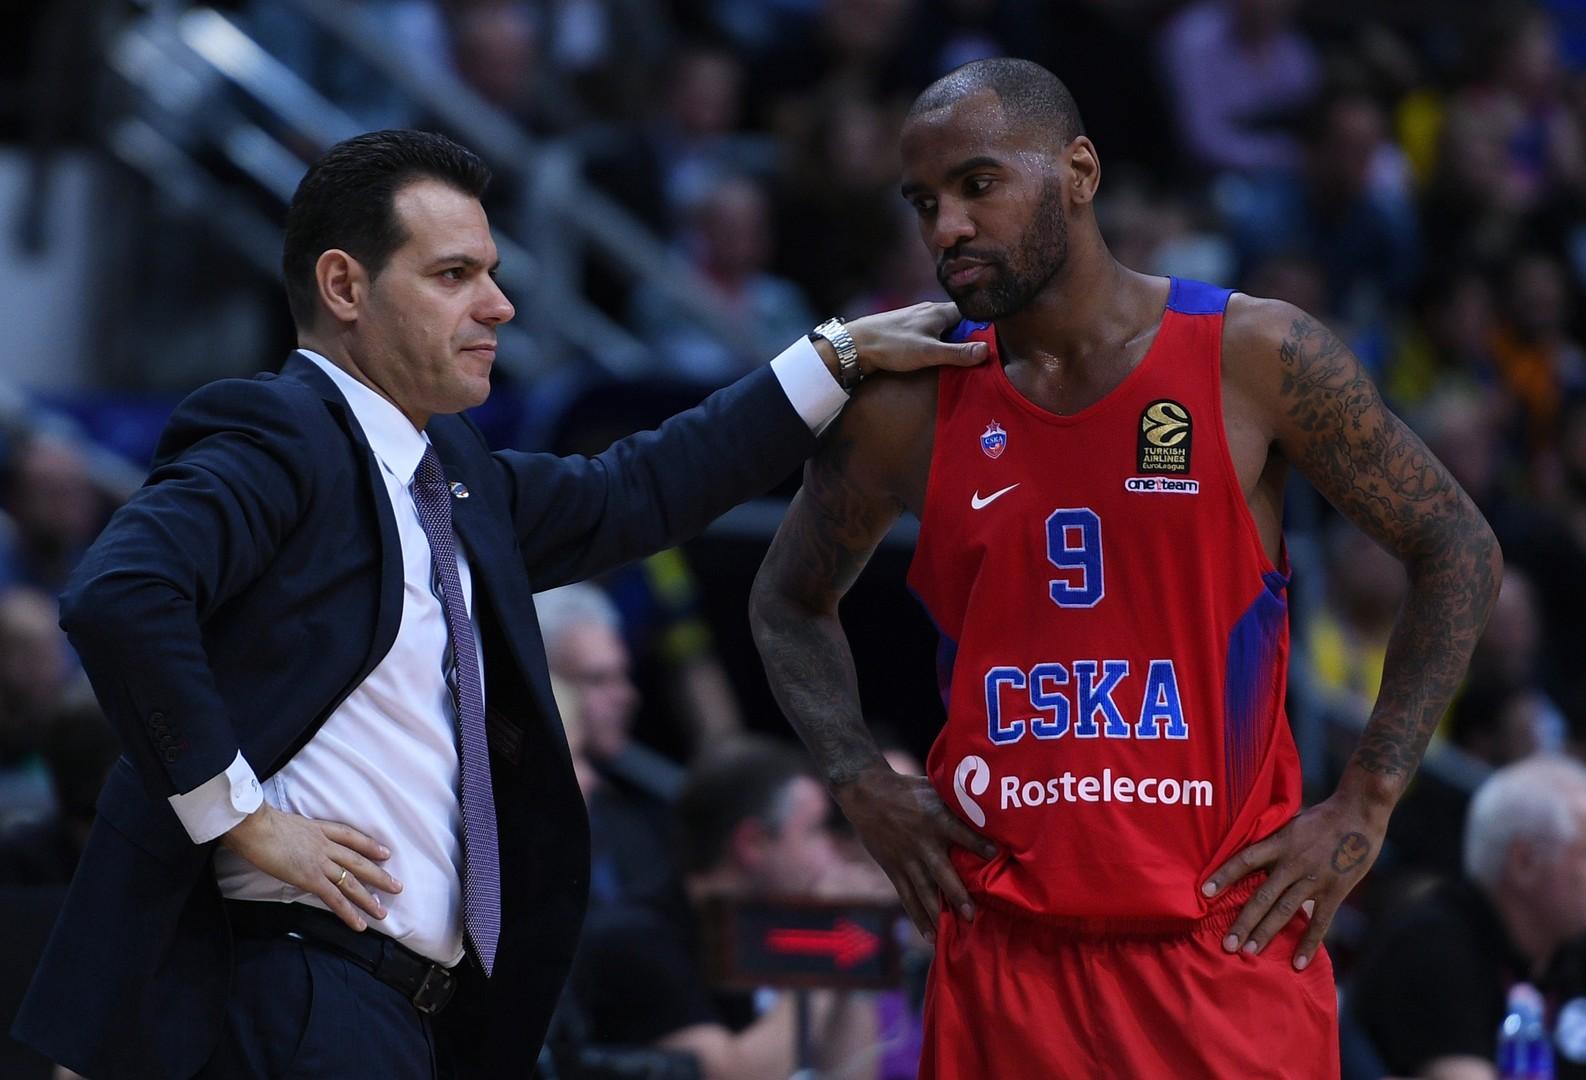 Турецкая месть: ЦСКА проиграл «Фенербахче» и прервал серию из 17 побед дома в Евролиге